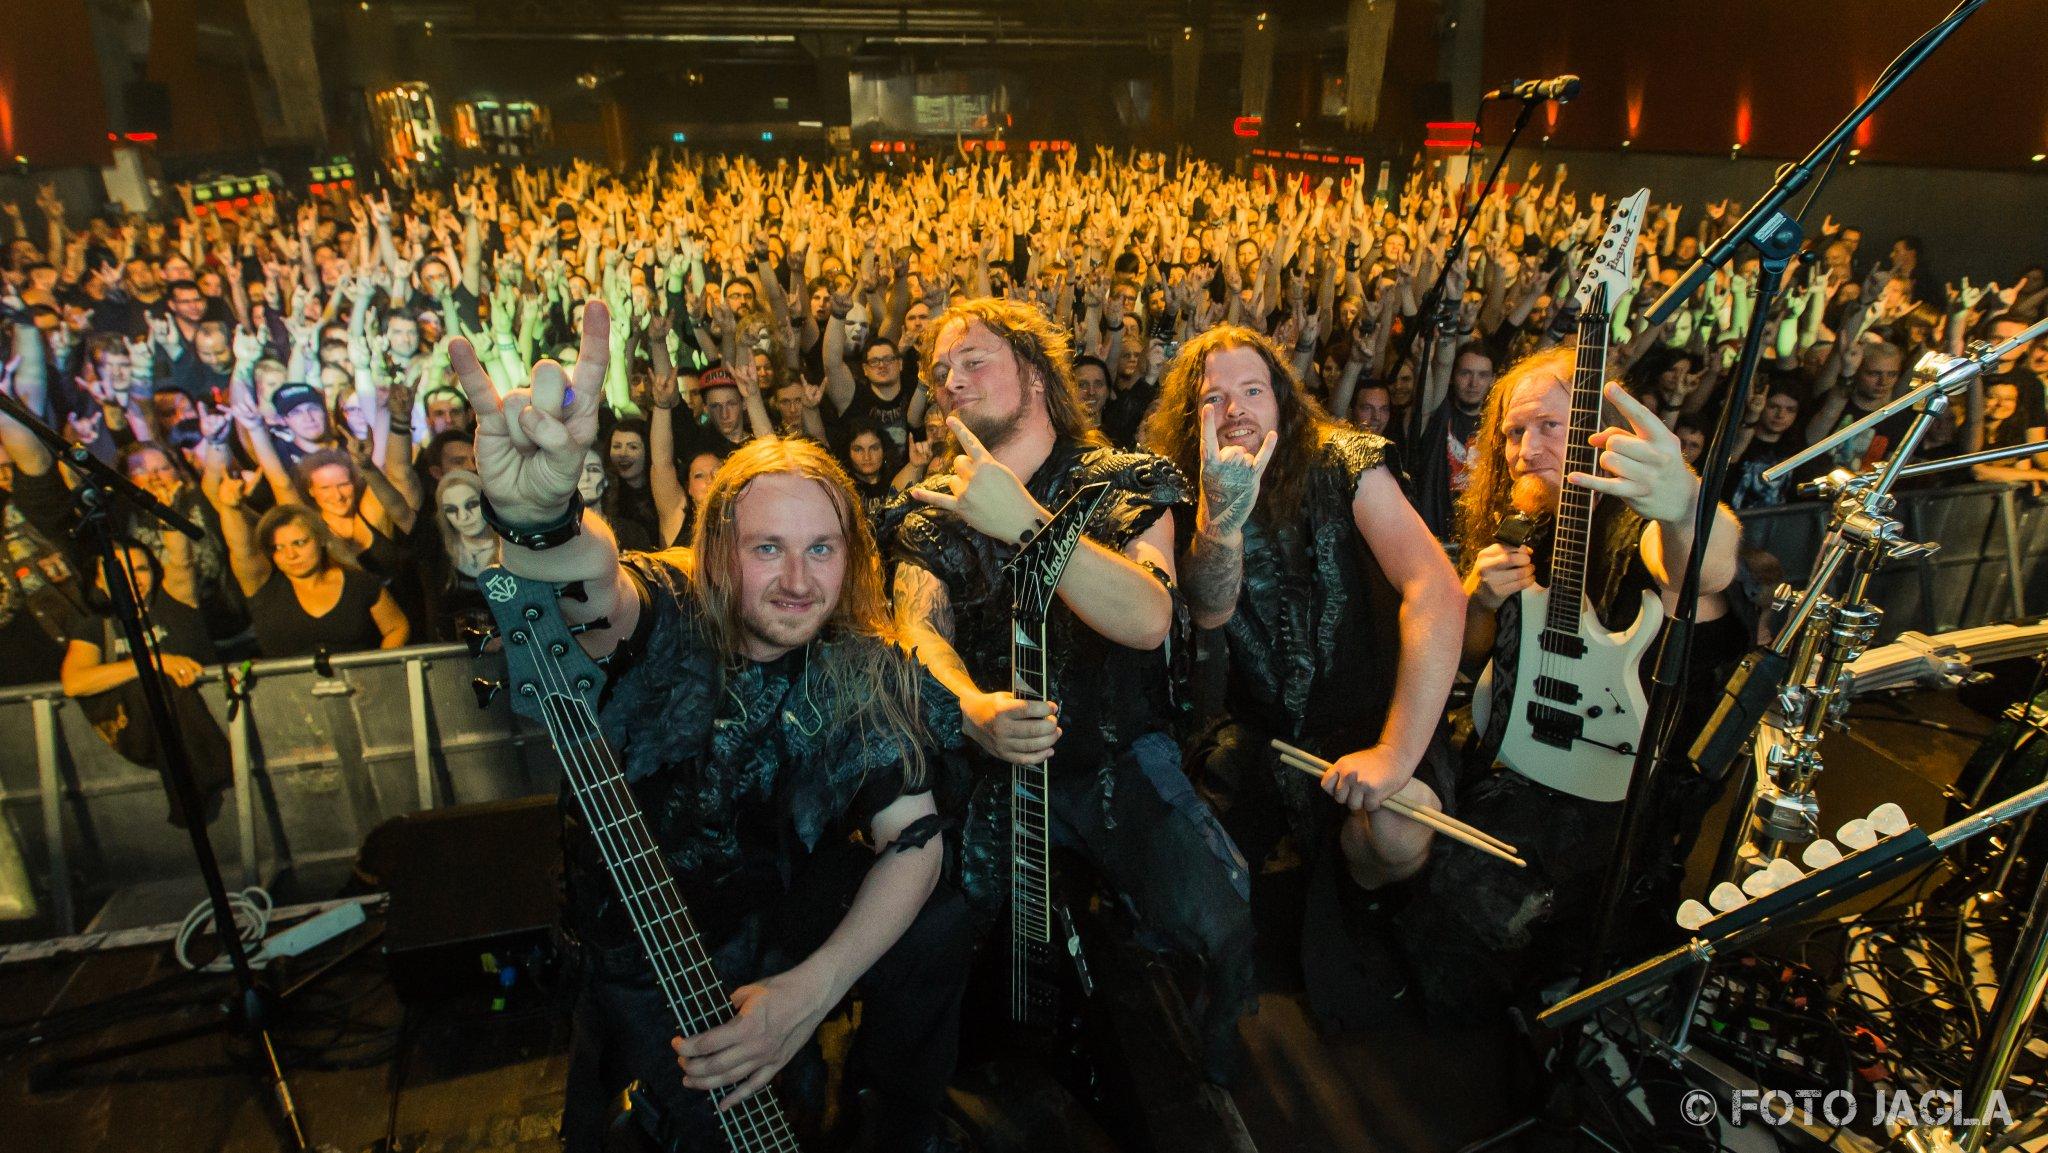 Abschlussfoto von Orden Ogan auf der Powerwolf Wolfsnächte Tour am 05.09.2015 in der Live Music Hall in Köln